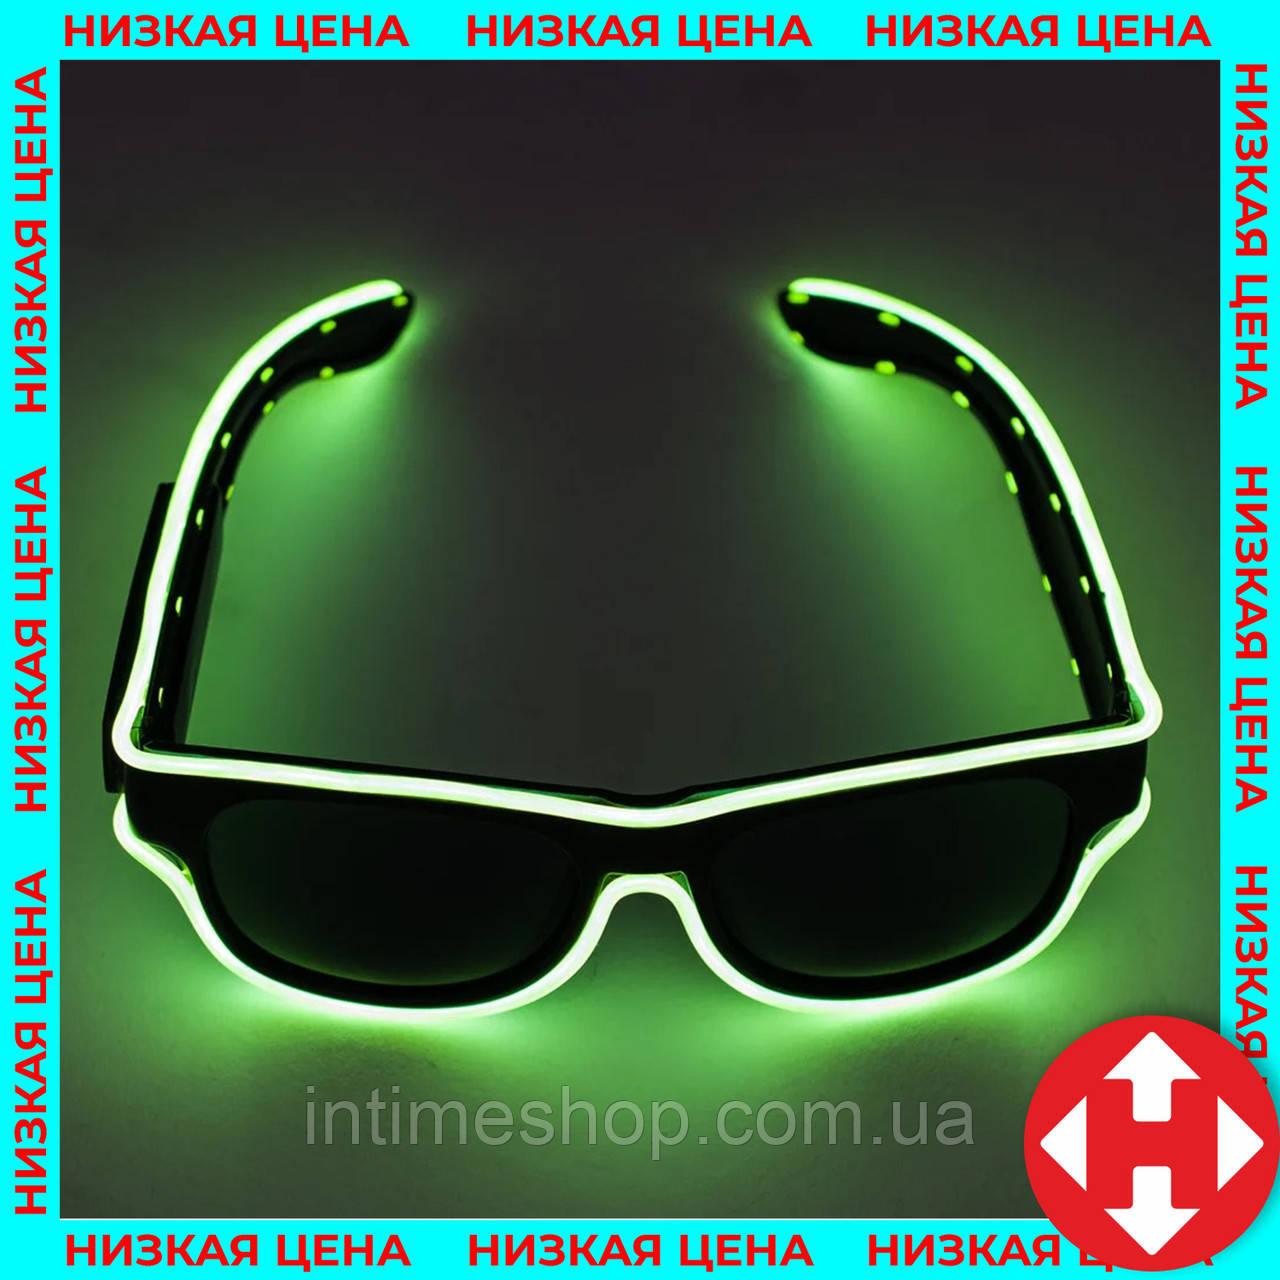 Светящиеся неоновые светодиодные LED очки, клубные, Салатовые, для дискотеки и вечеринки (доставка)